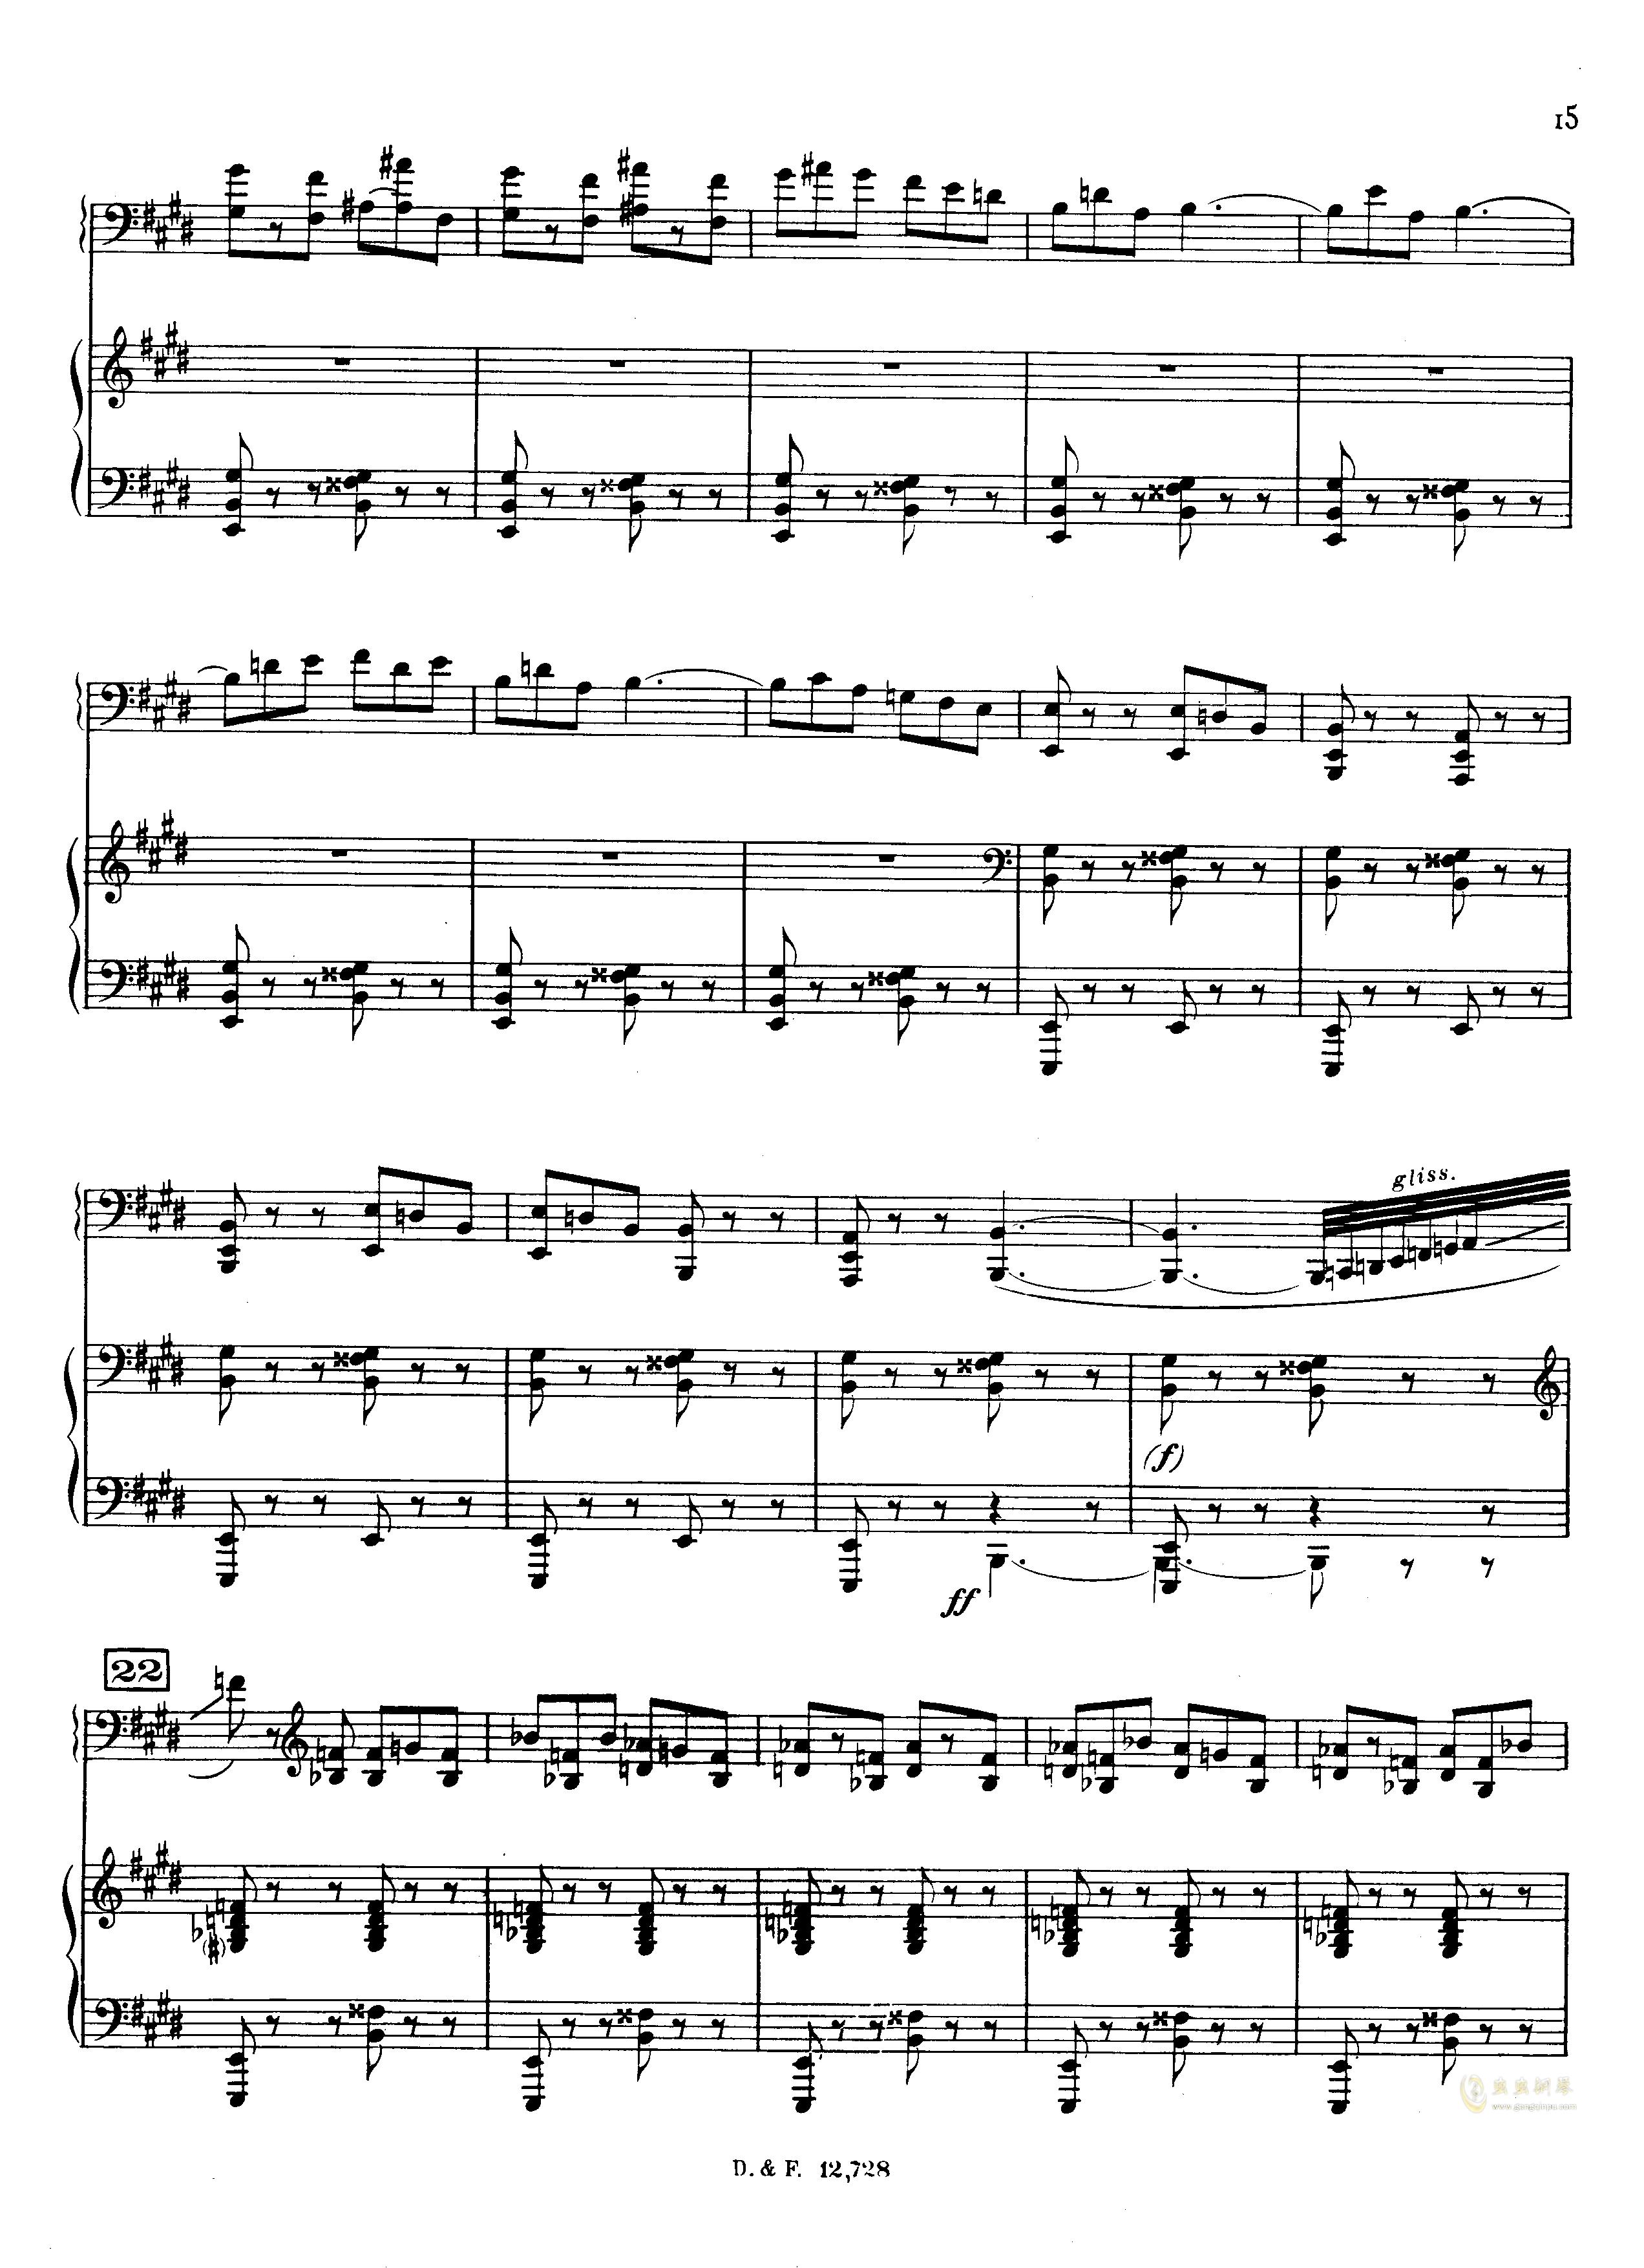 左手钢琴协奏曲钢琴谱 第15页